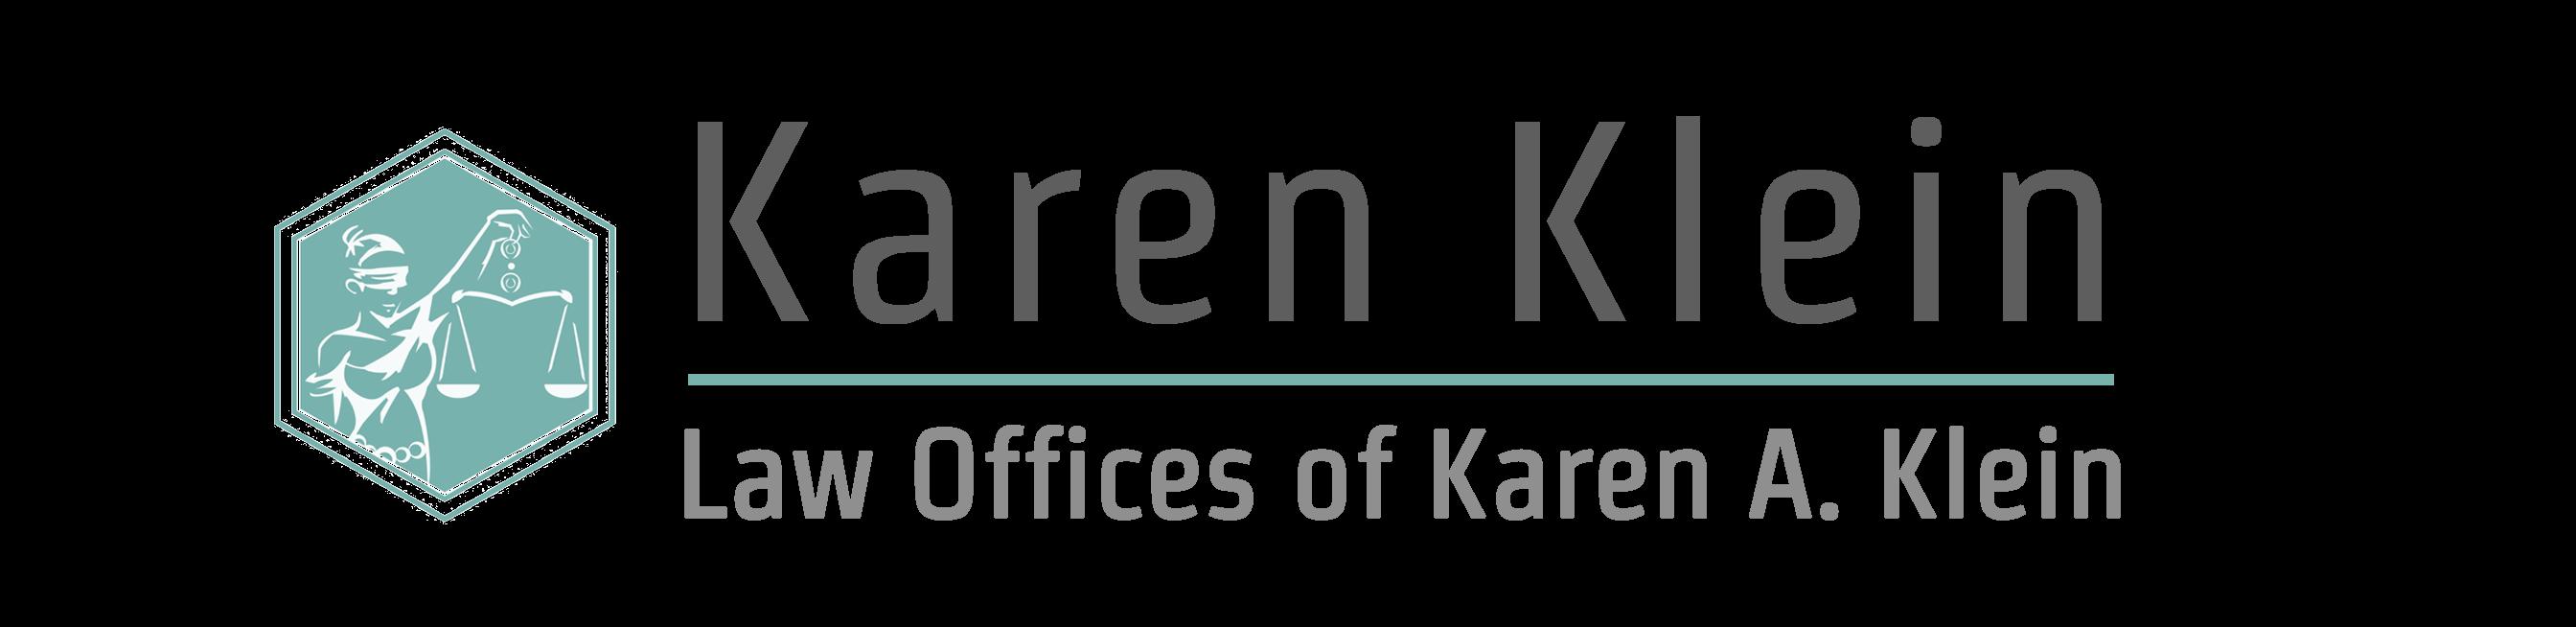 Karen Klein Law